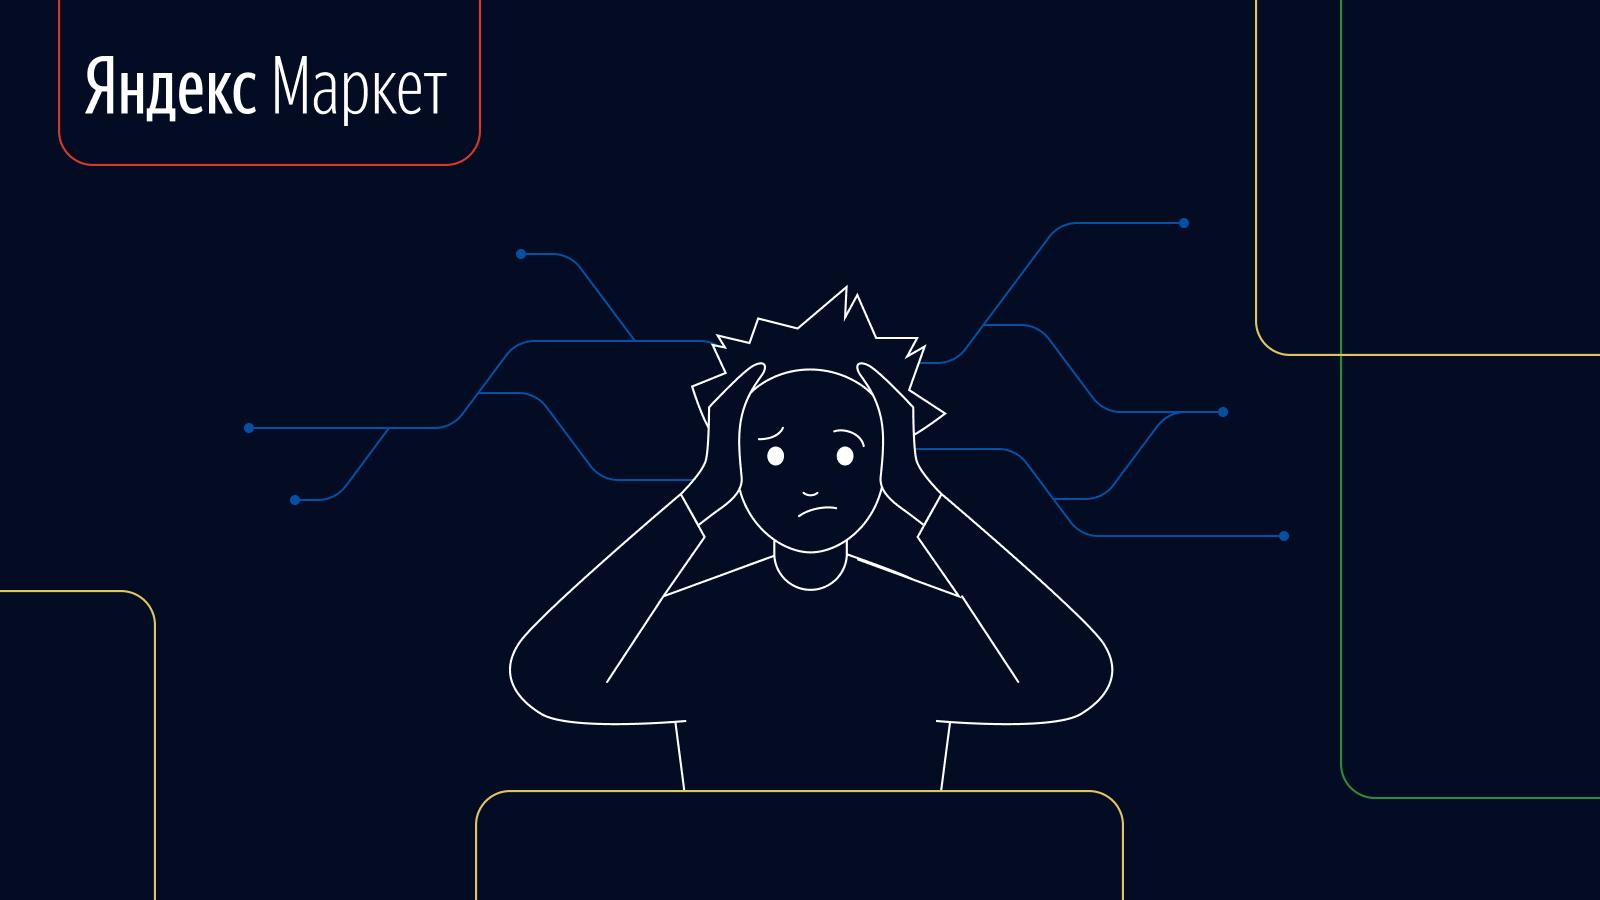 Как устроено тестирование фронтенда в Яндекс.Маркете и почему мы отказываемся от еженедельных релизов - 1